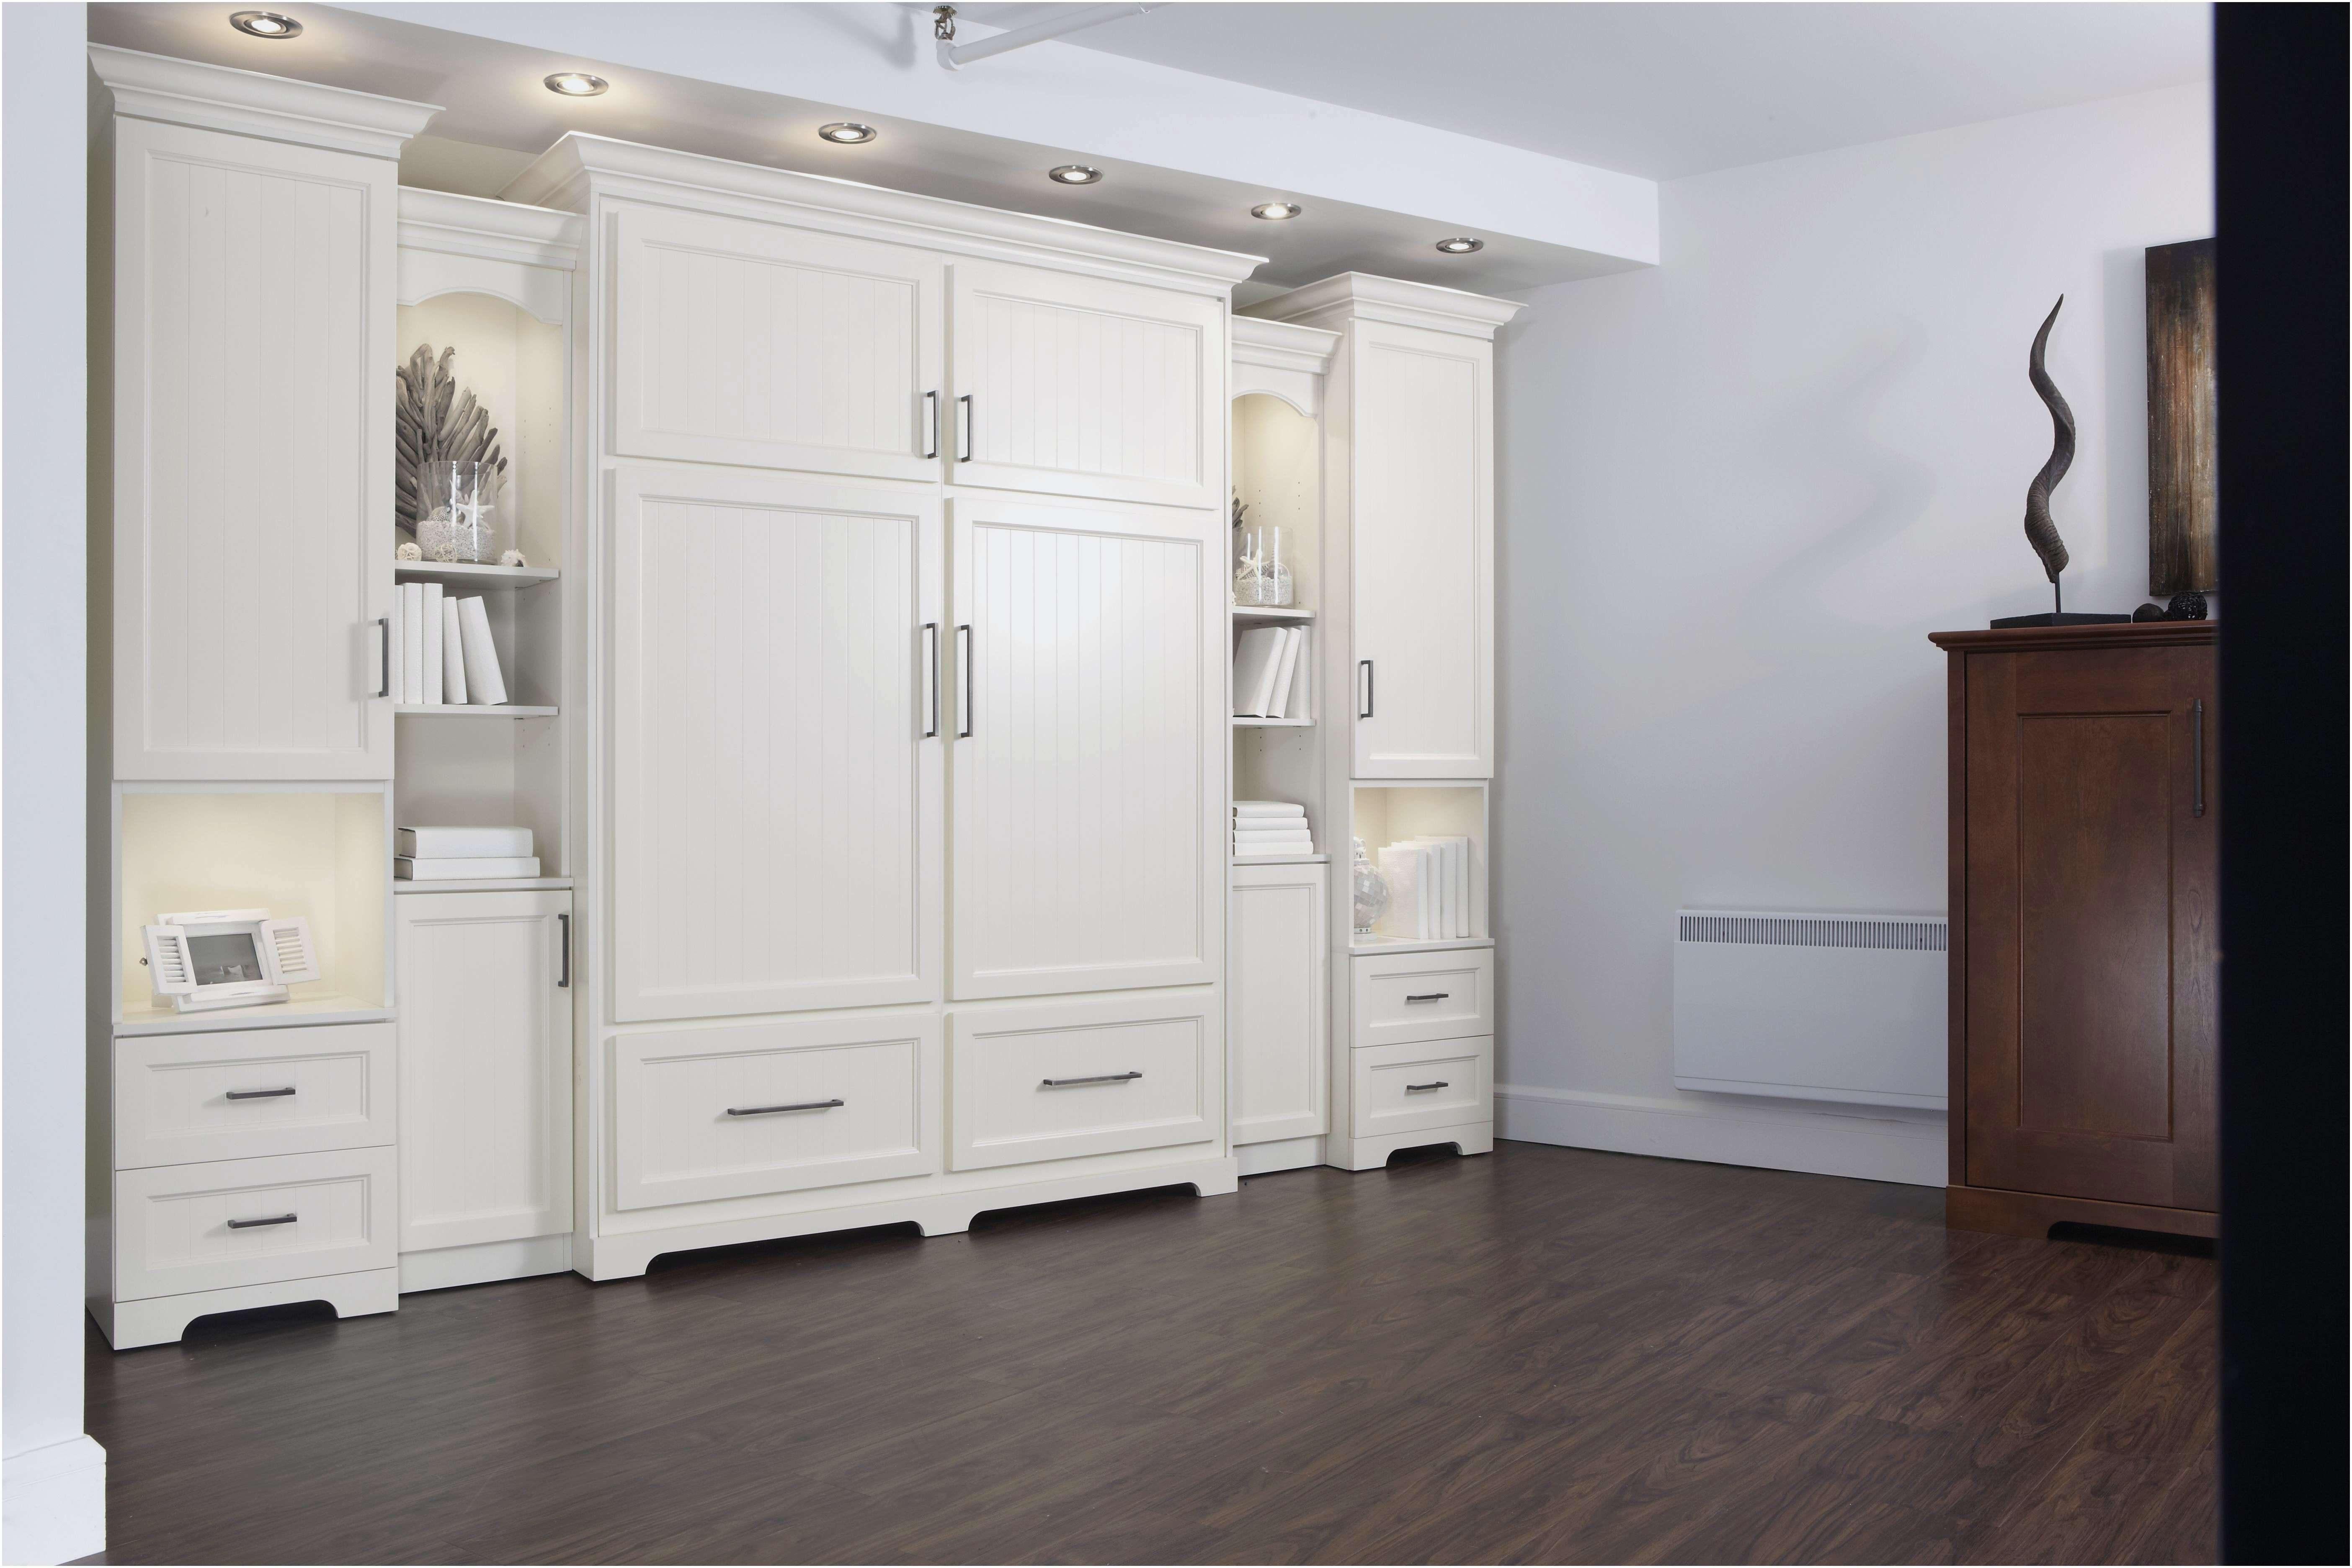 lit superpos bas nouveau 47 lit superpos rabattable. Black Bedroom Furniture Sets. Home Design Ideas